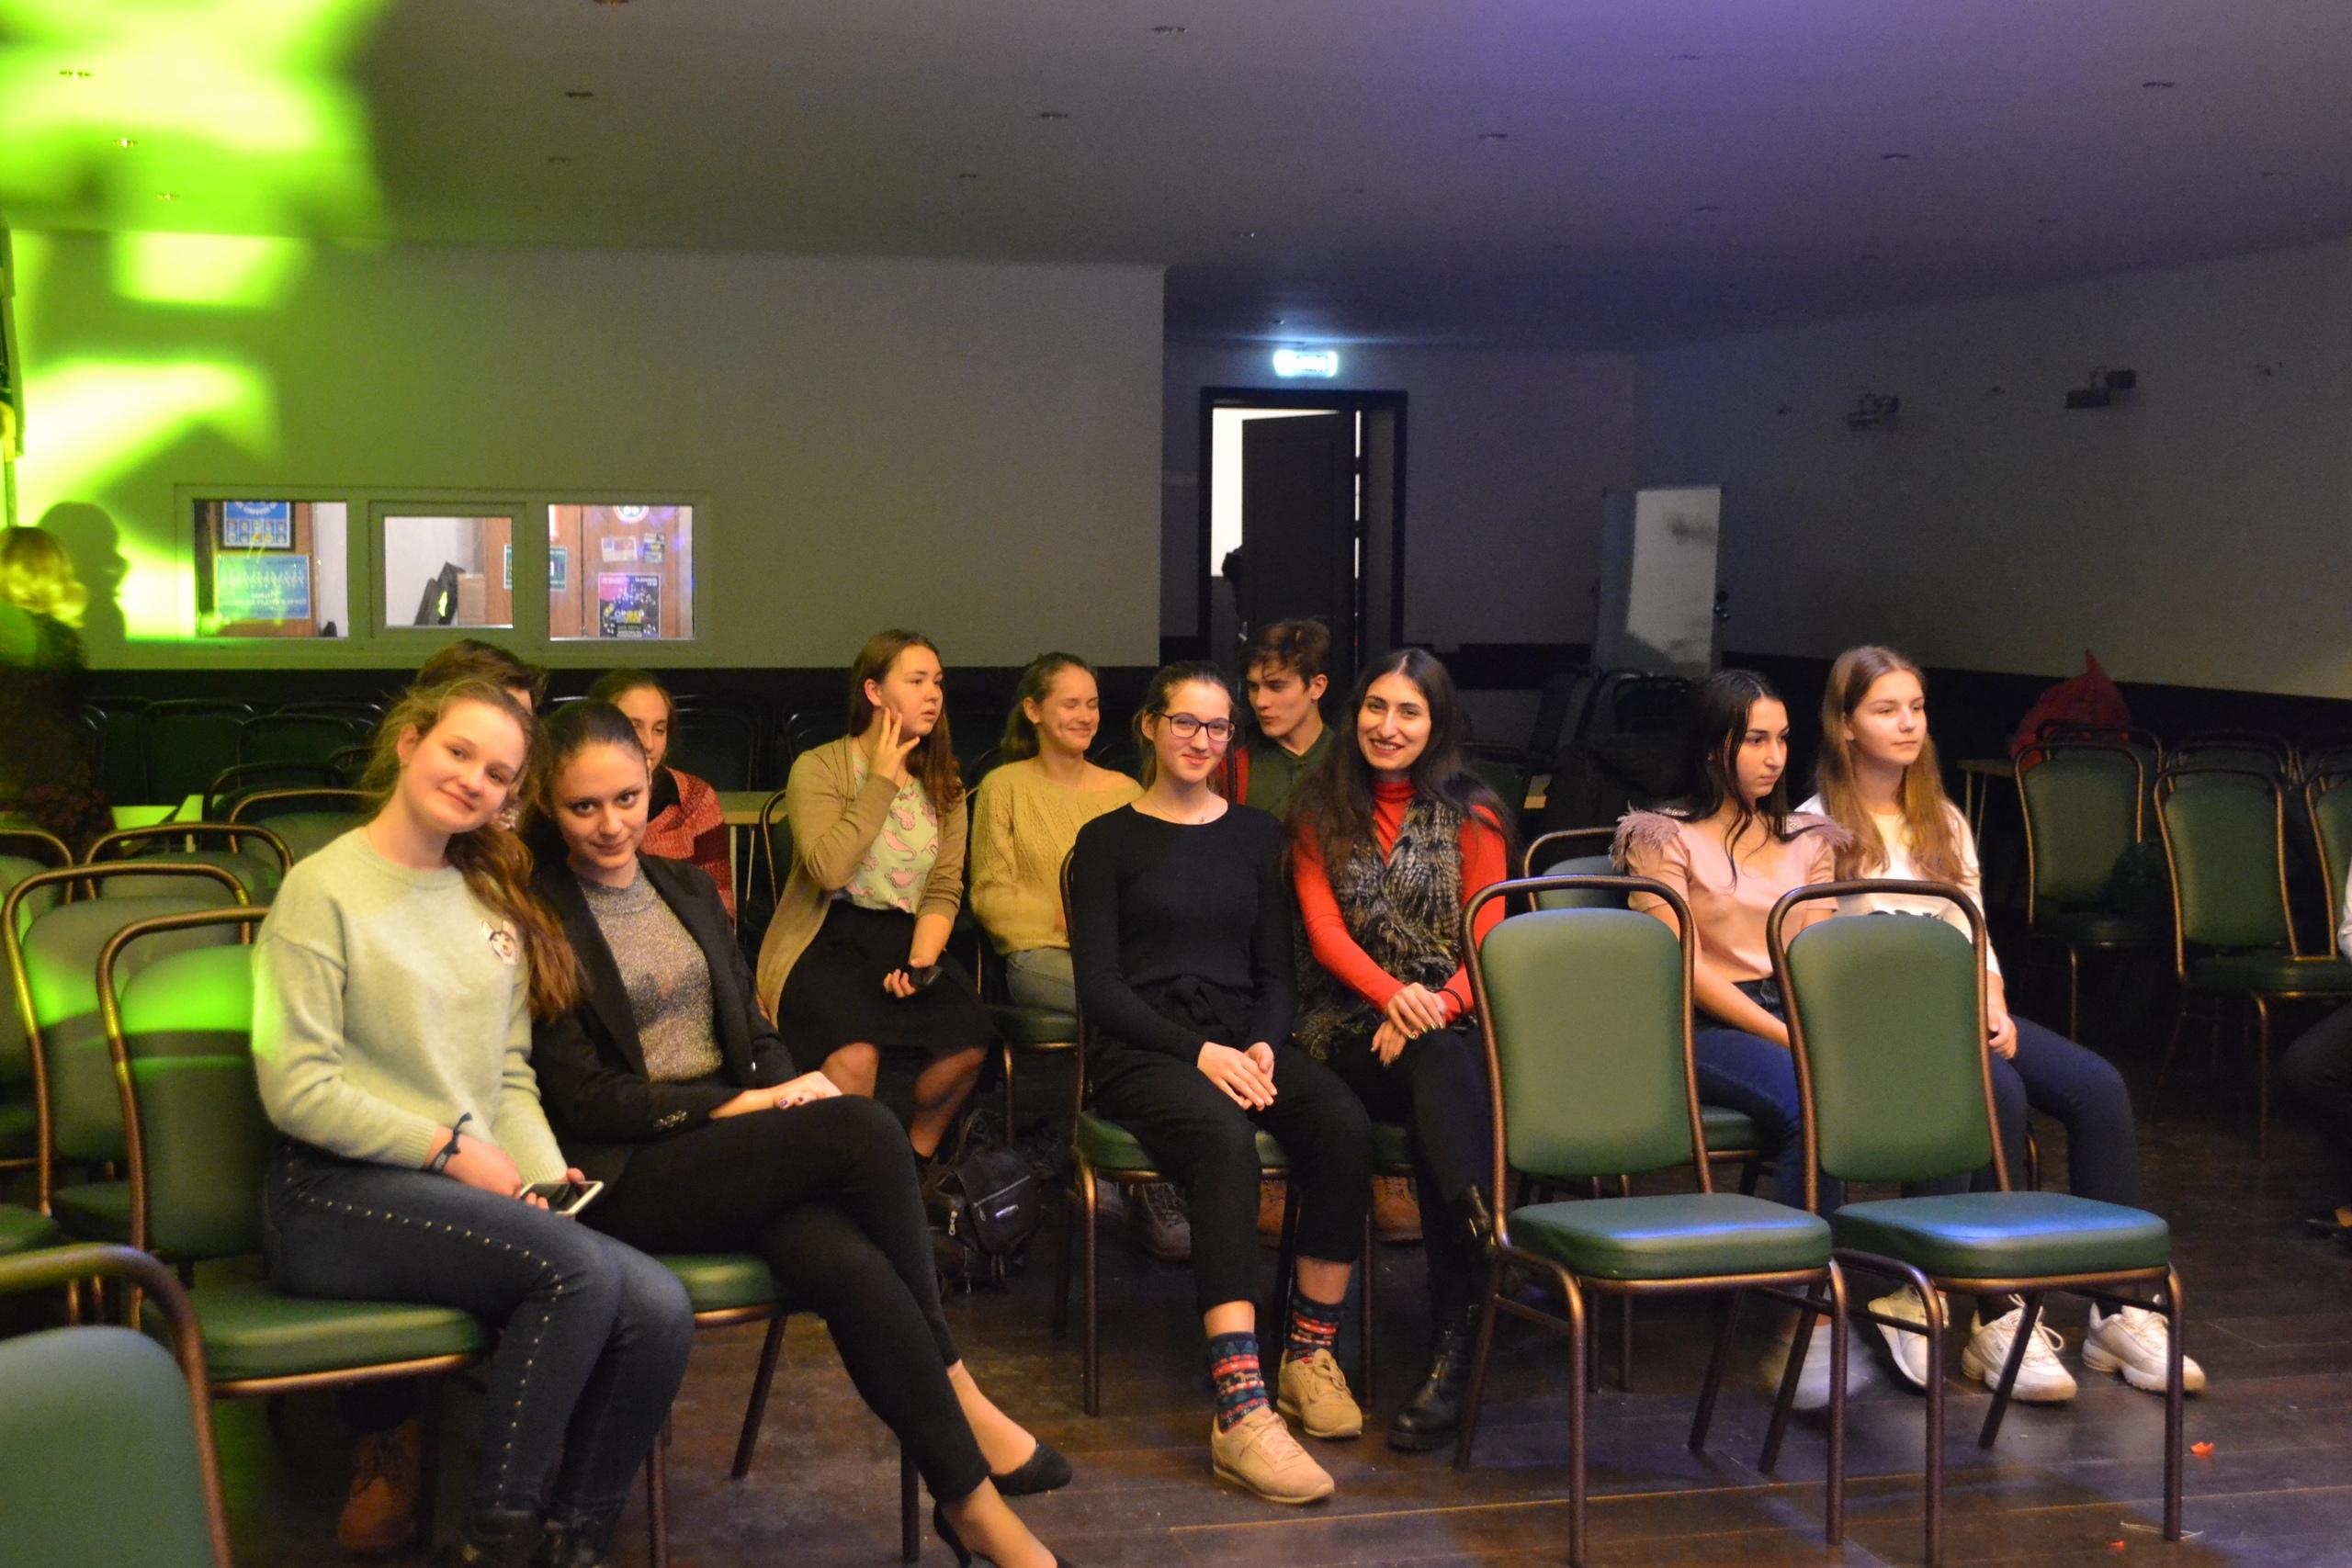 Творческая молодежь Щербинки, или поездка на арт-проект во Дворец культуры